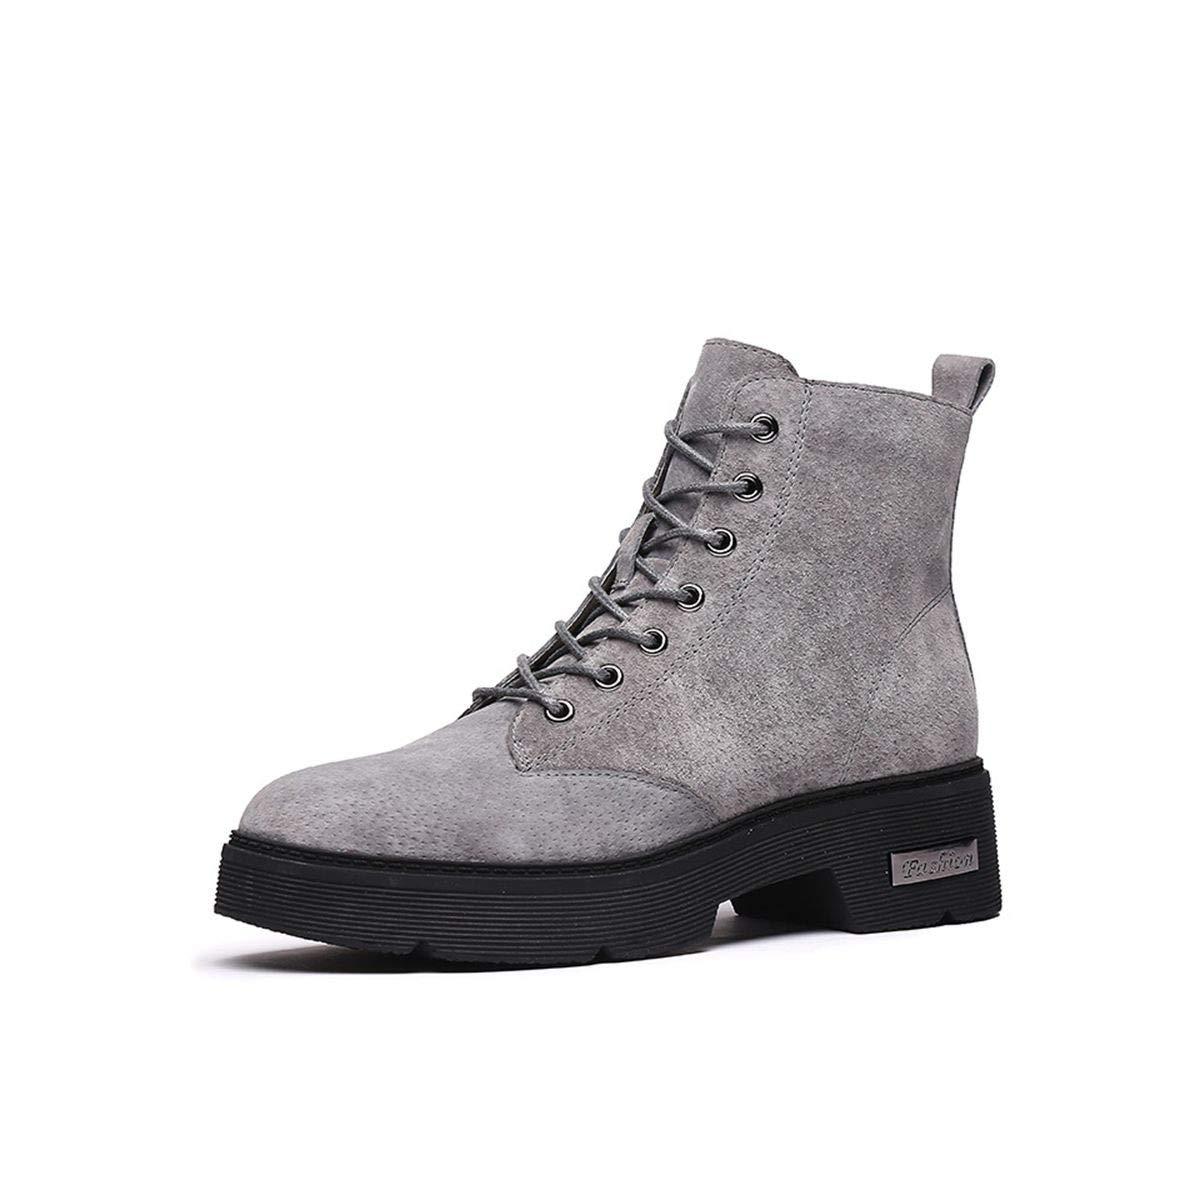 SIKESONG Inverno Stivali Stivali Stivali Donna Calda Felpa Lace-Up Piattaforma Piatta Scarpe Moda Grigio Stivali di Martin Grigio 36 f4f616